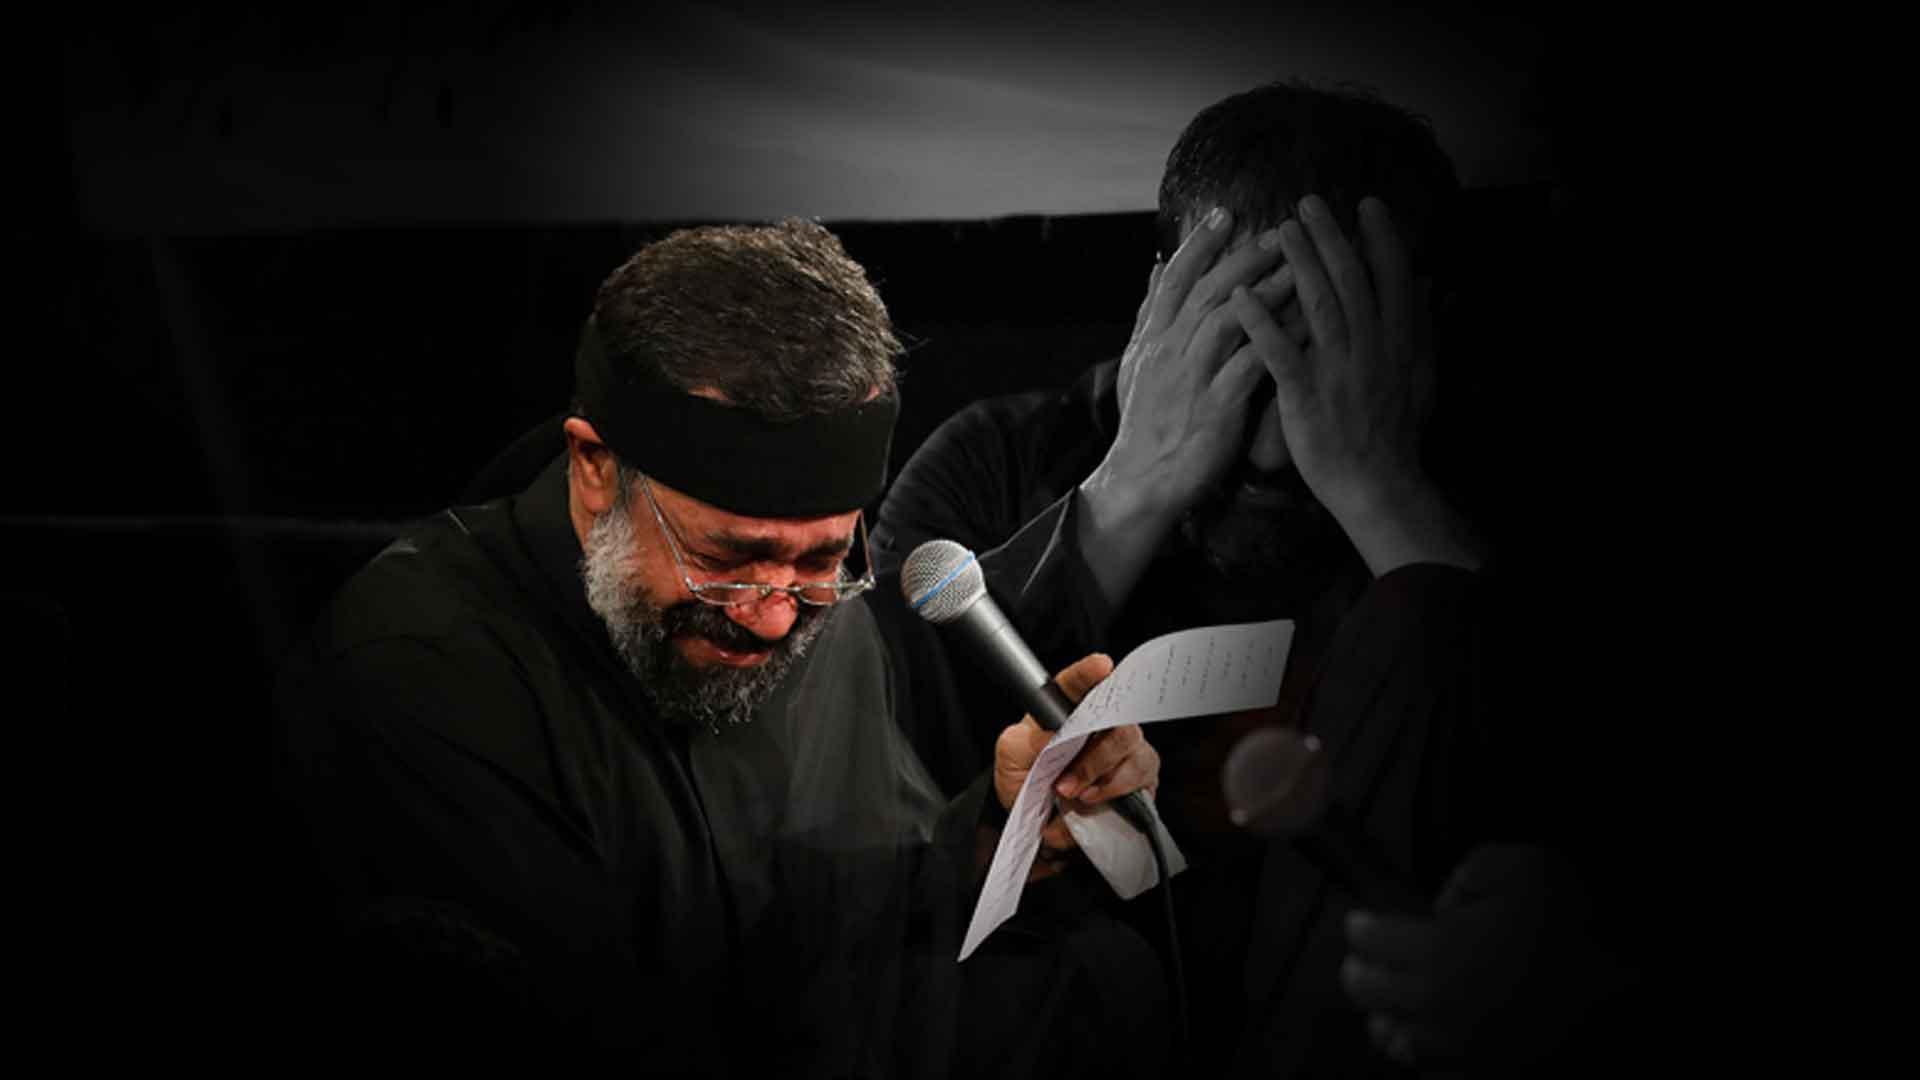 شیرین زبونی تموم شد محمود کریمی